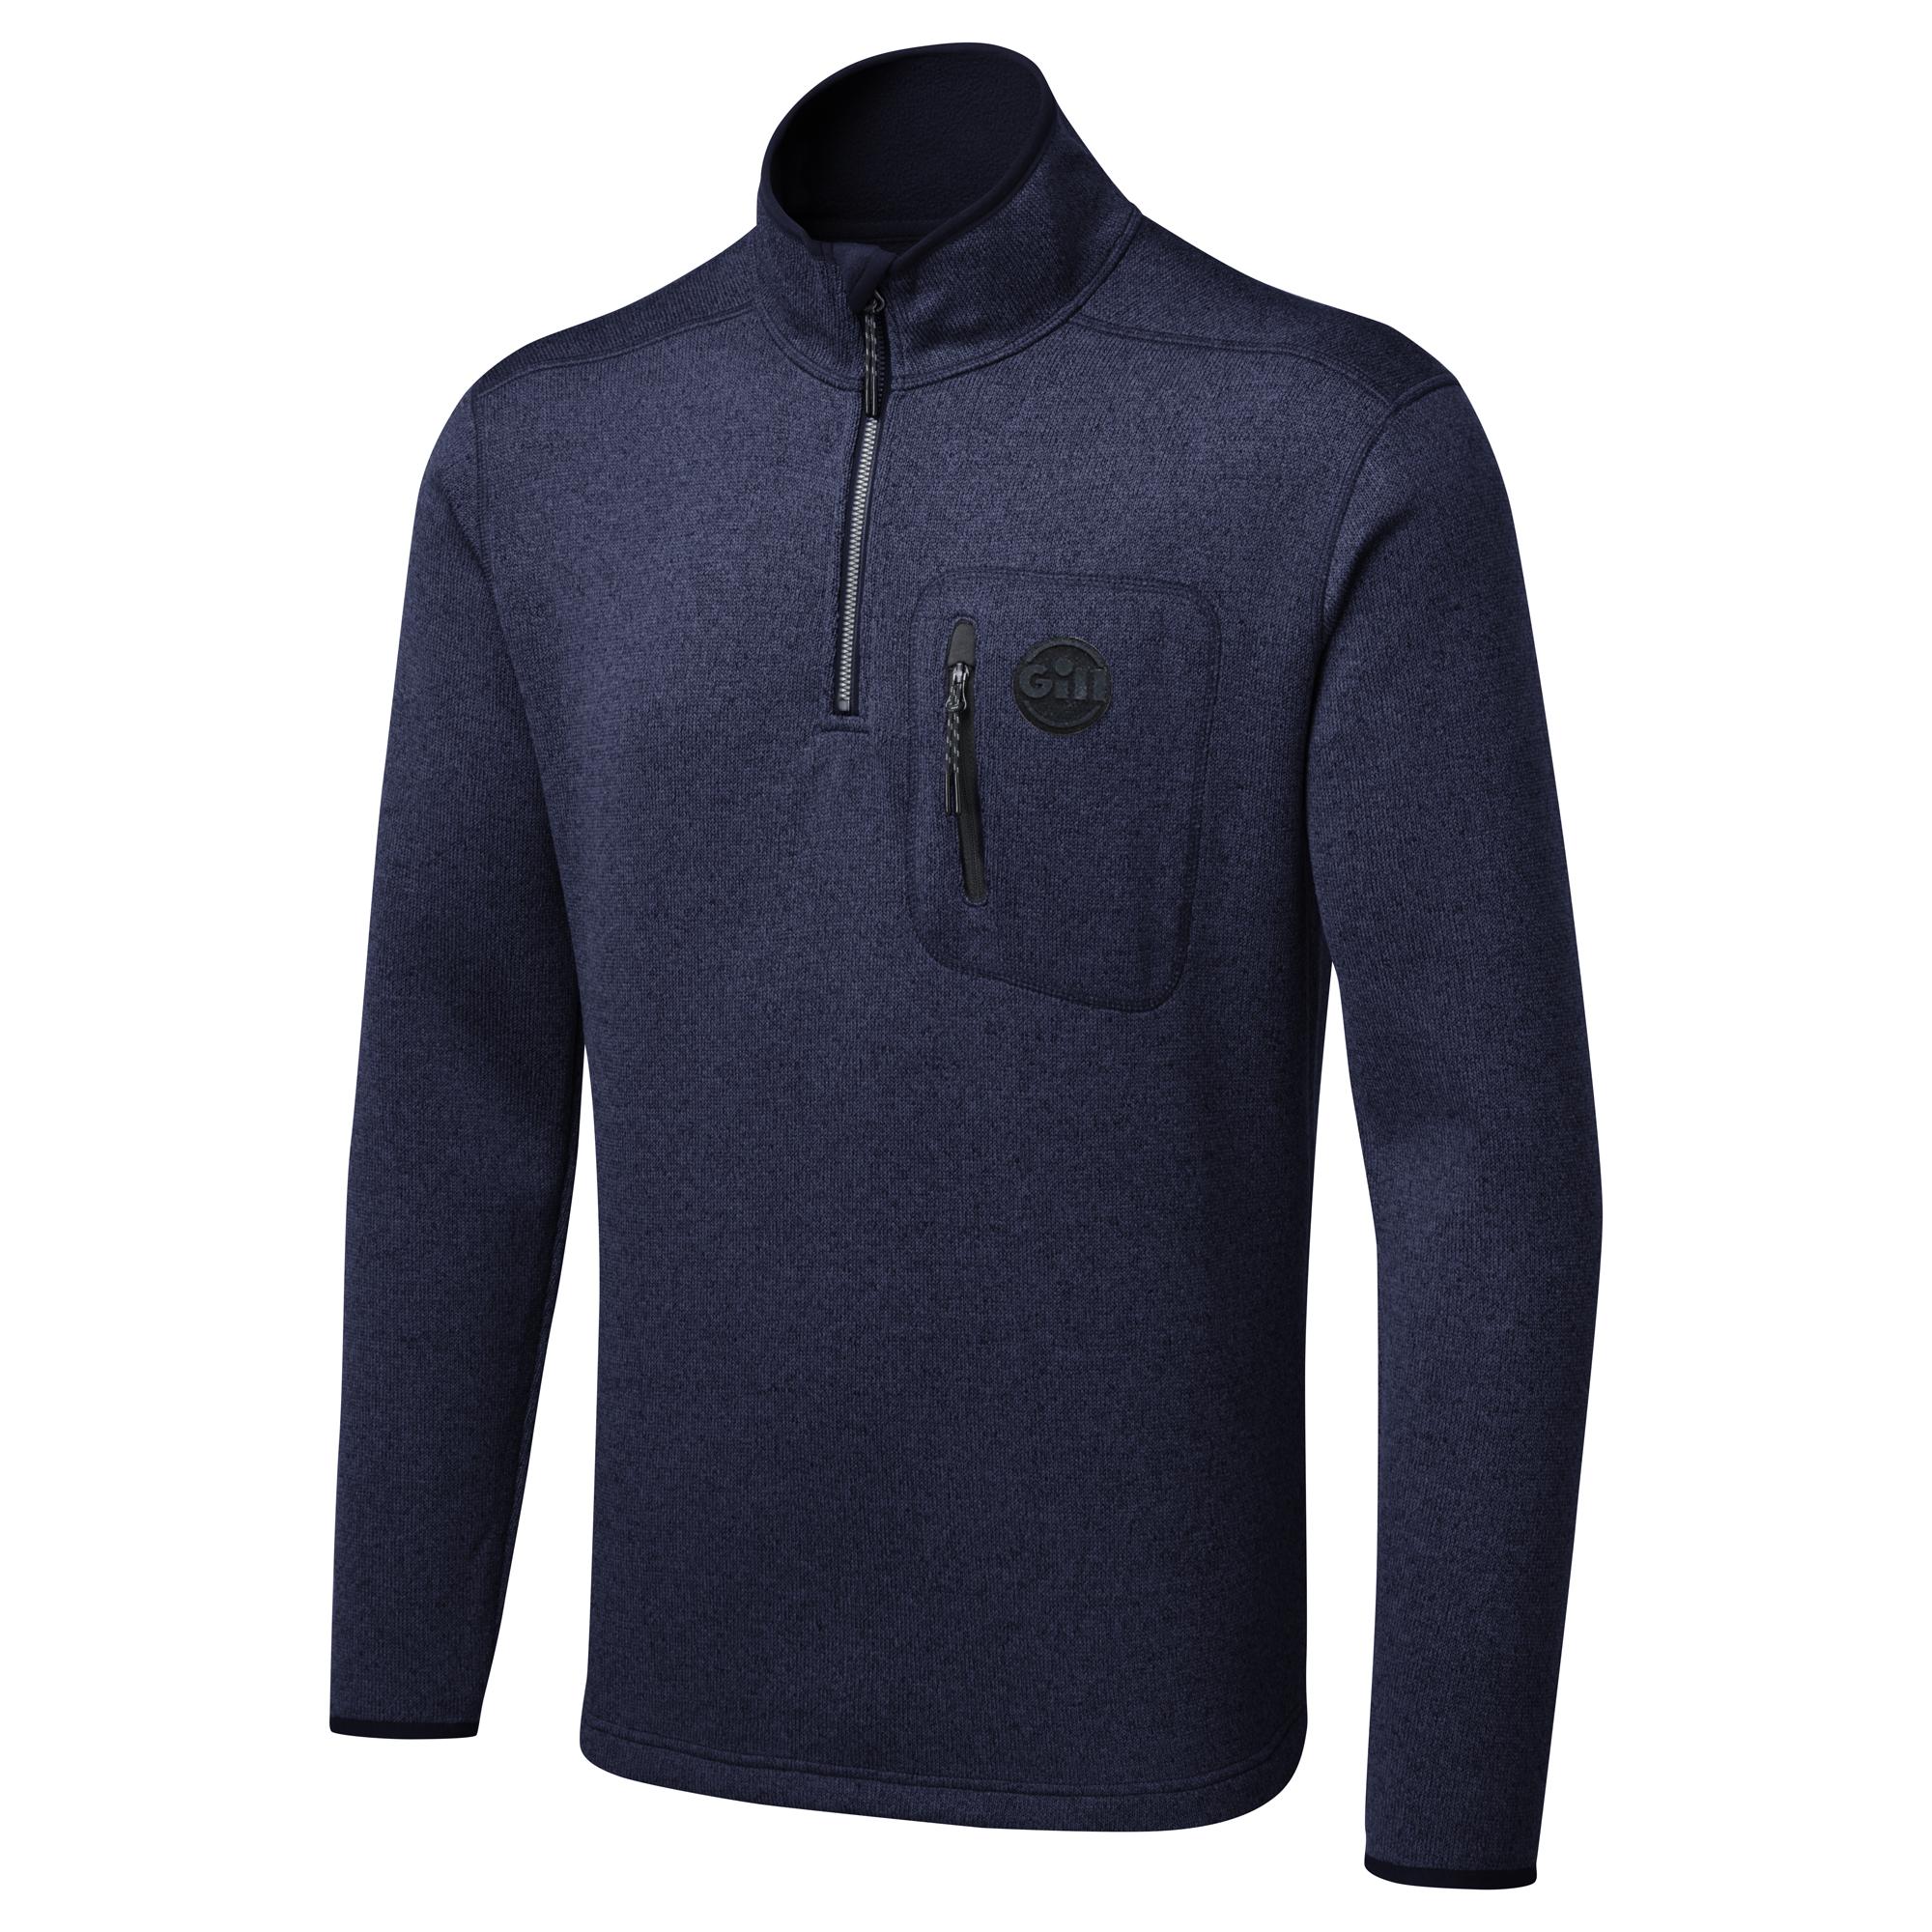 Men's Knit Fleece - 1492-NAV02_3.png